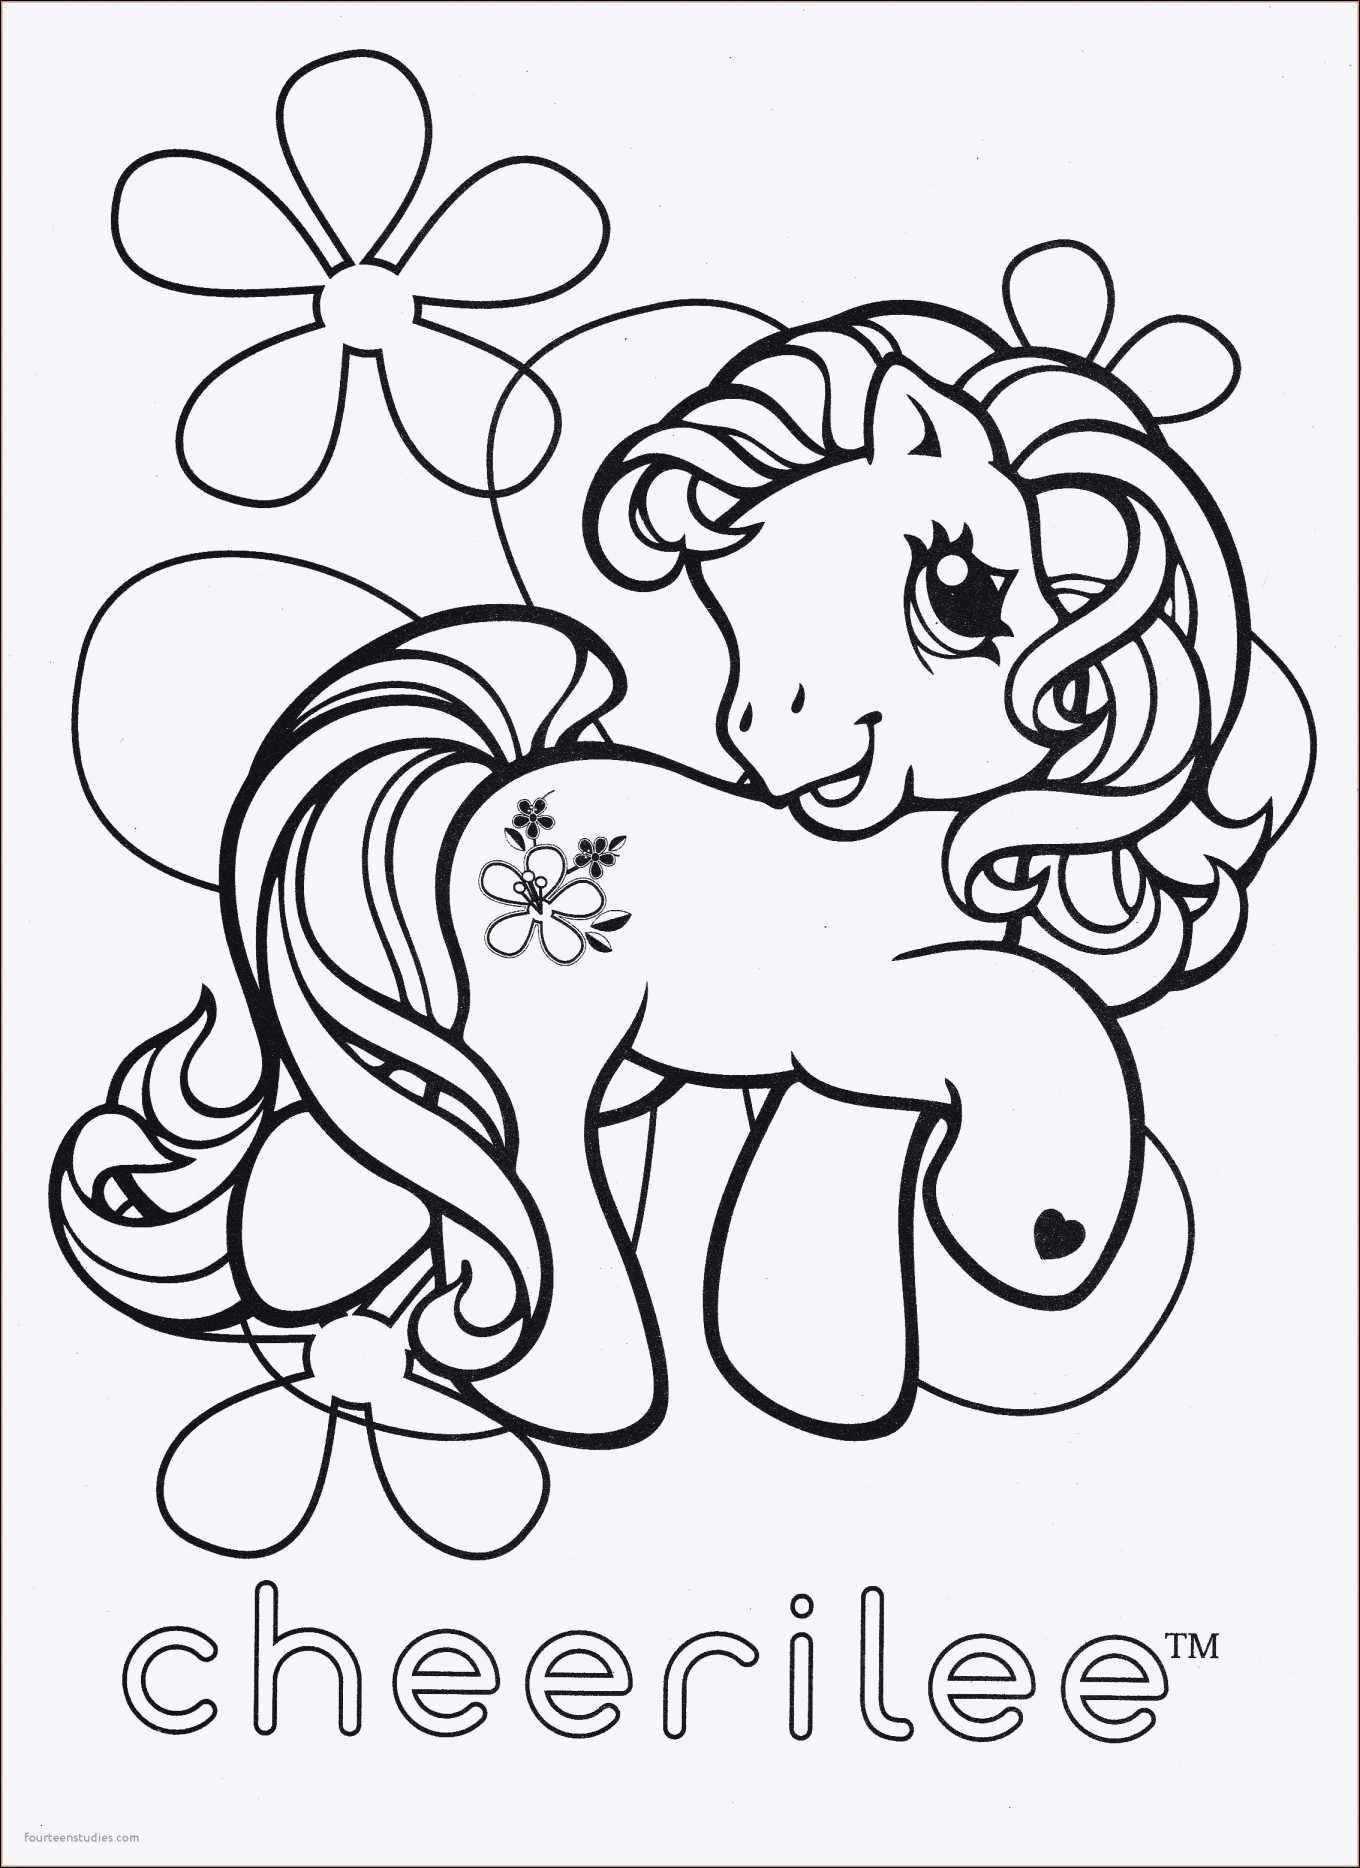 My Little Pony Bilder Zum Ausmalen Das Beste Von My Little Pony Ausmalbilder Kostenlos Zum Drucken Bild 35 My Little Galerie